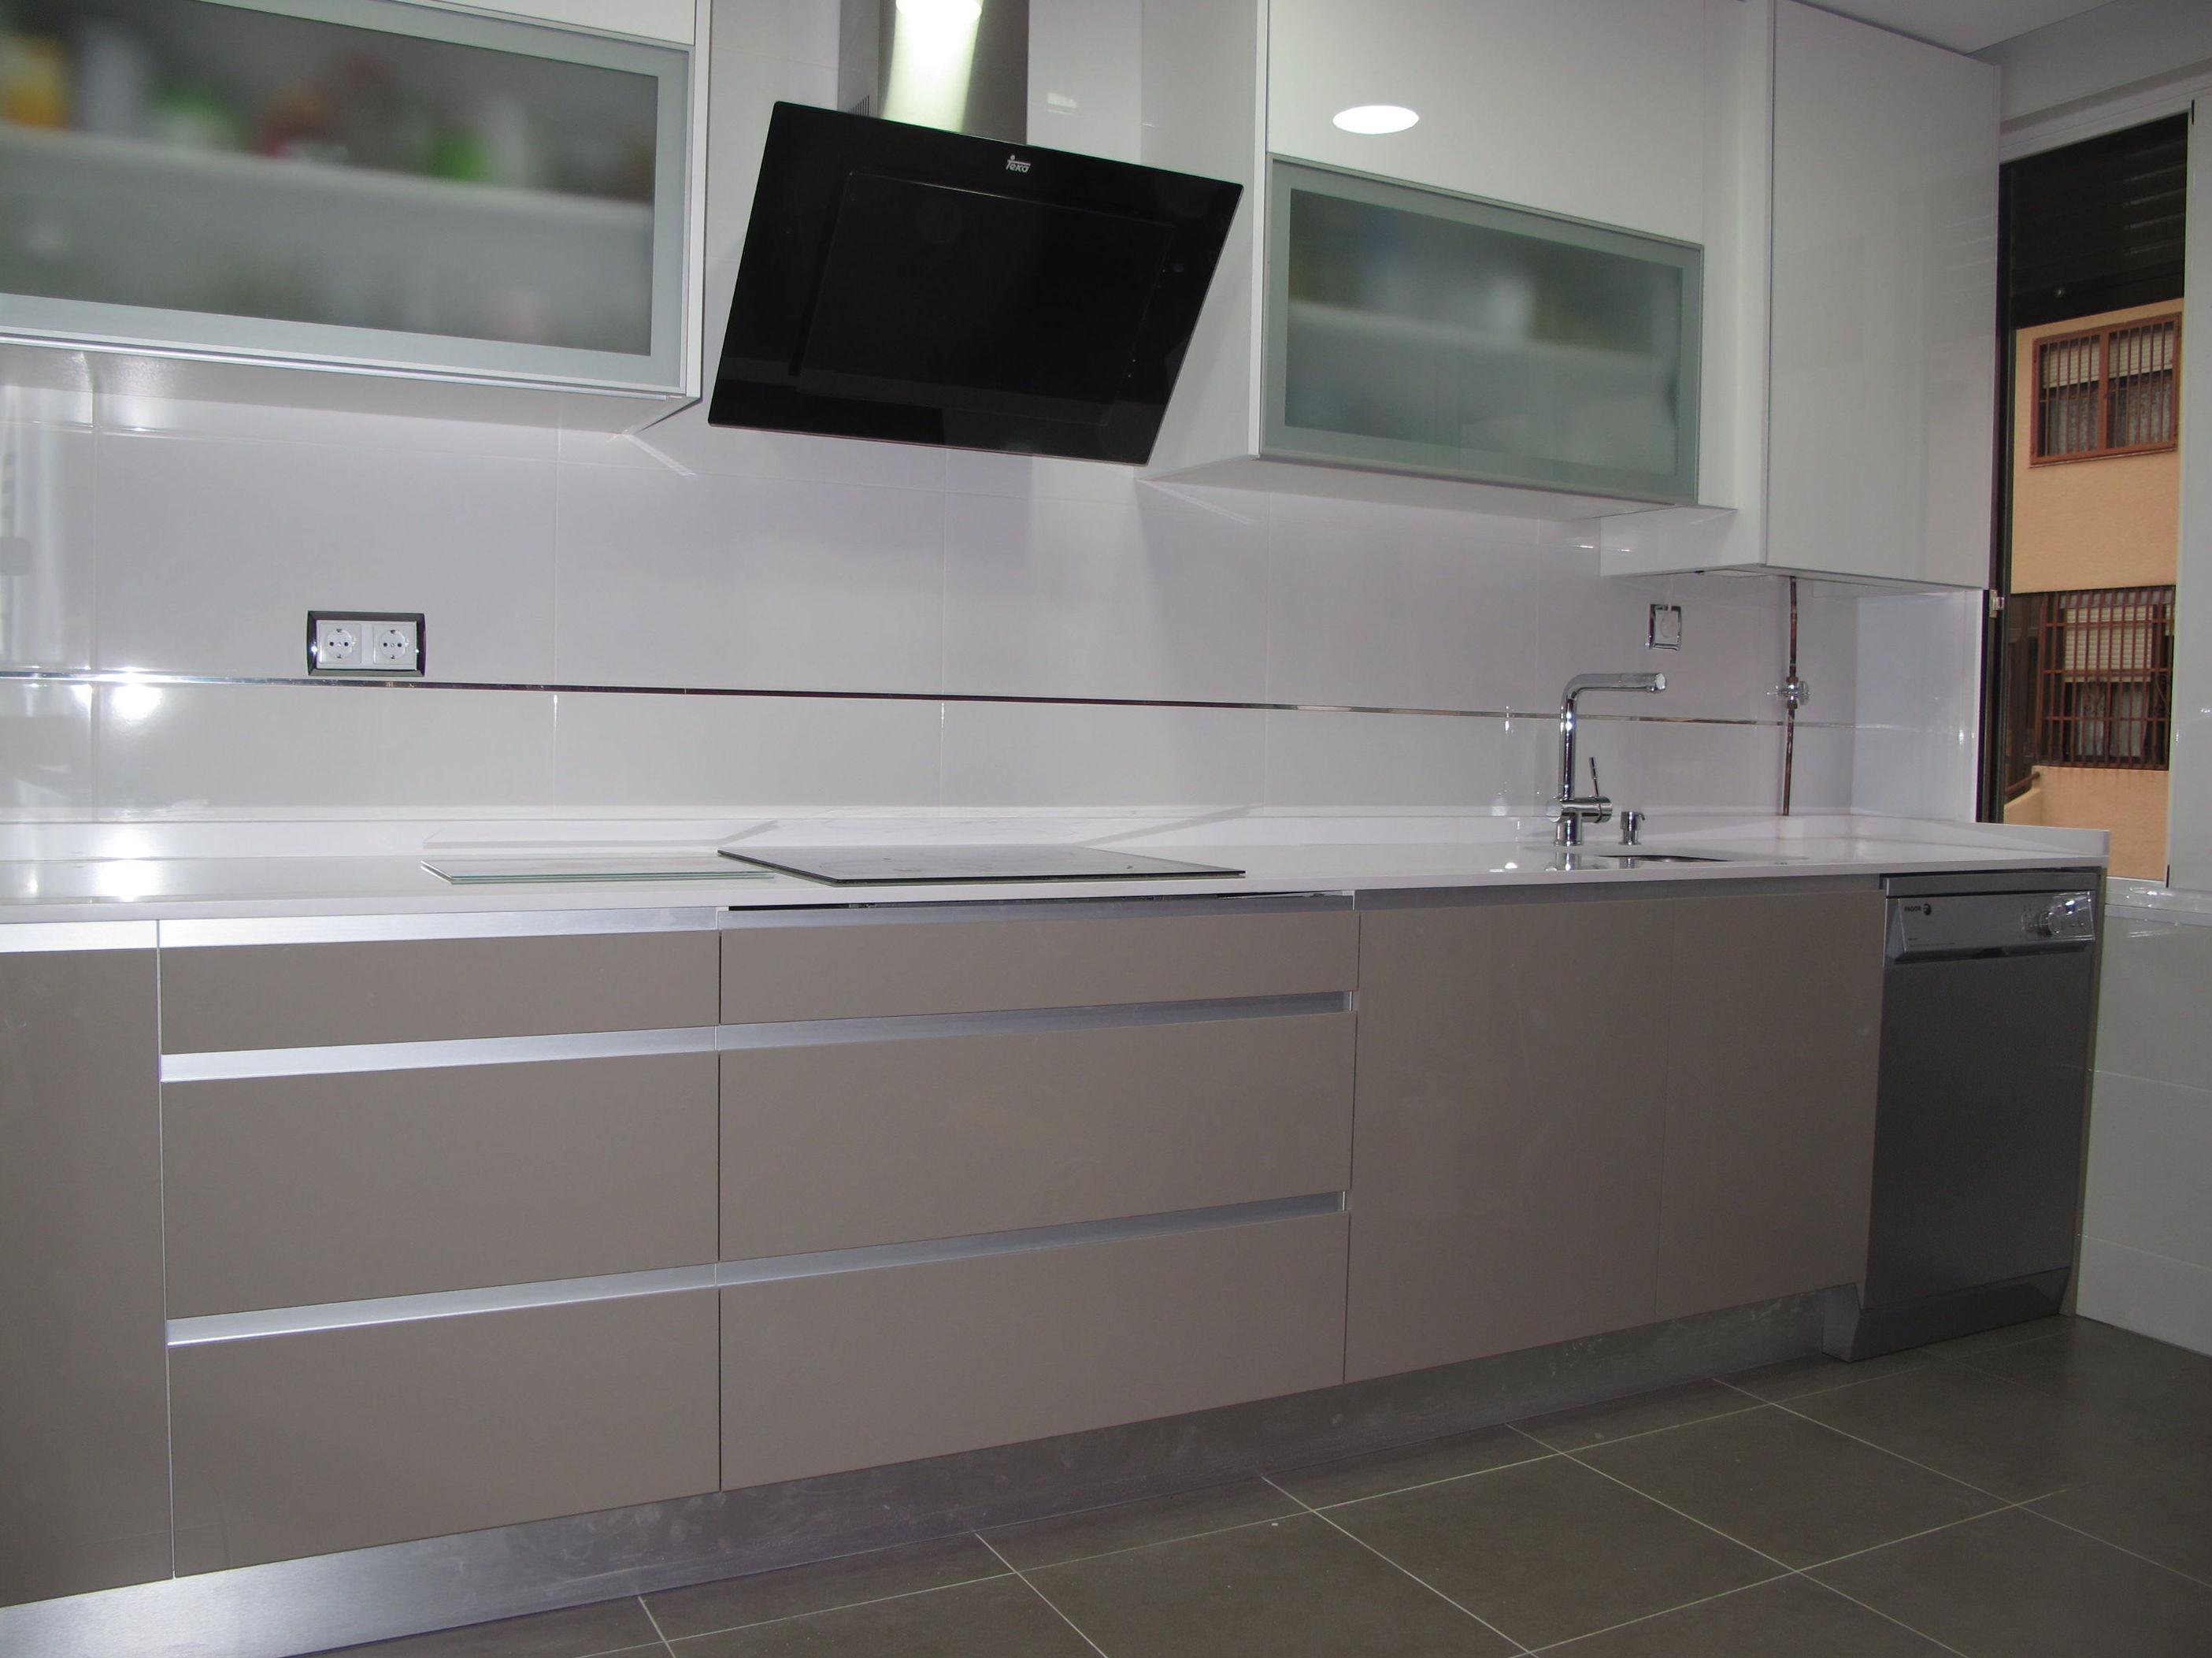 Diseños Cocinas MC Proyecto Realizado en Boadilla Del Monte: Catálogo de Diseño en Cocinas MC